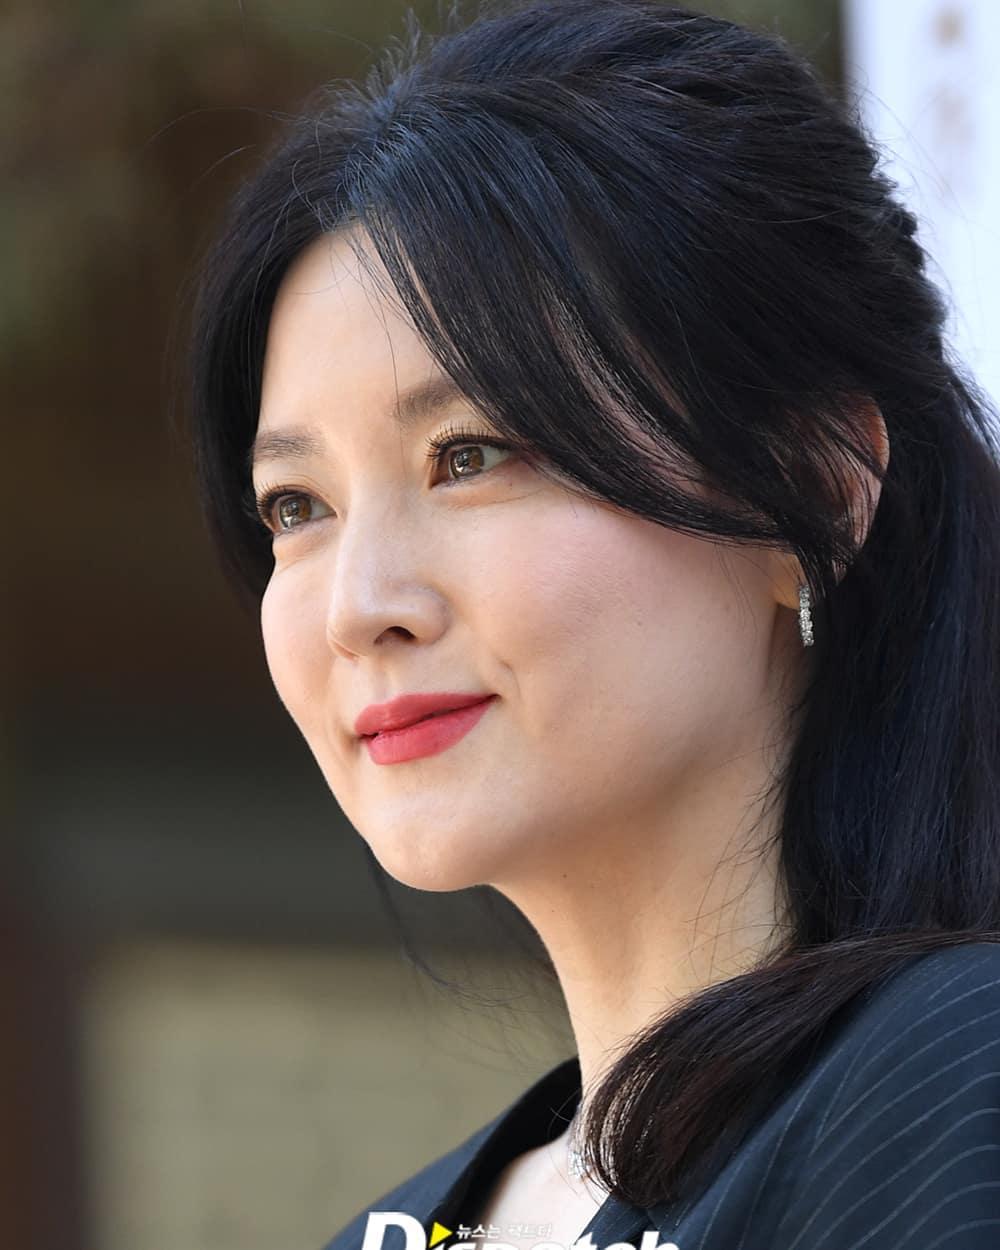 Gần 20 năm sau bộ phim Nàng Dae Jang Geum, ở tuổi 50 nữ chính vẫn tự tin với mặt mộc láng mịn: Bí mật nhan sắc nằm ở loại quả mà cô ăn mỗi tối - Ảnh 4.